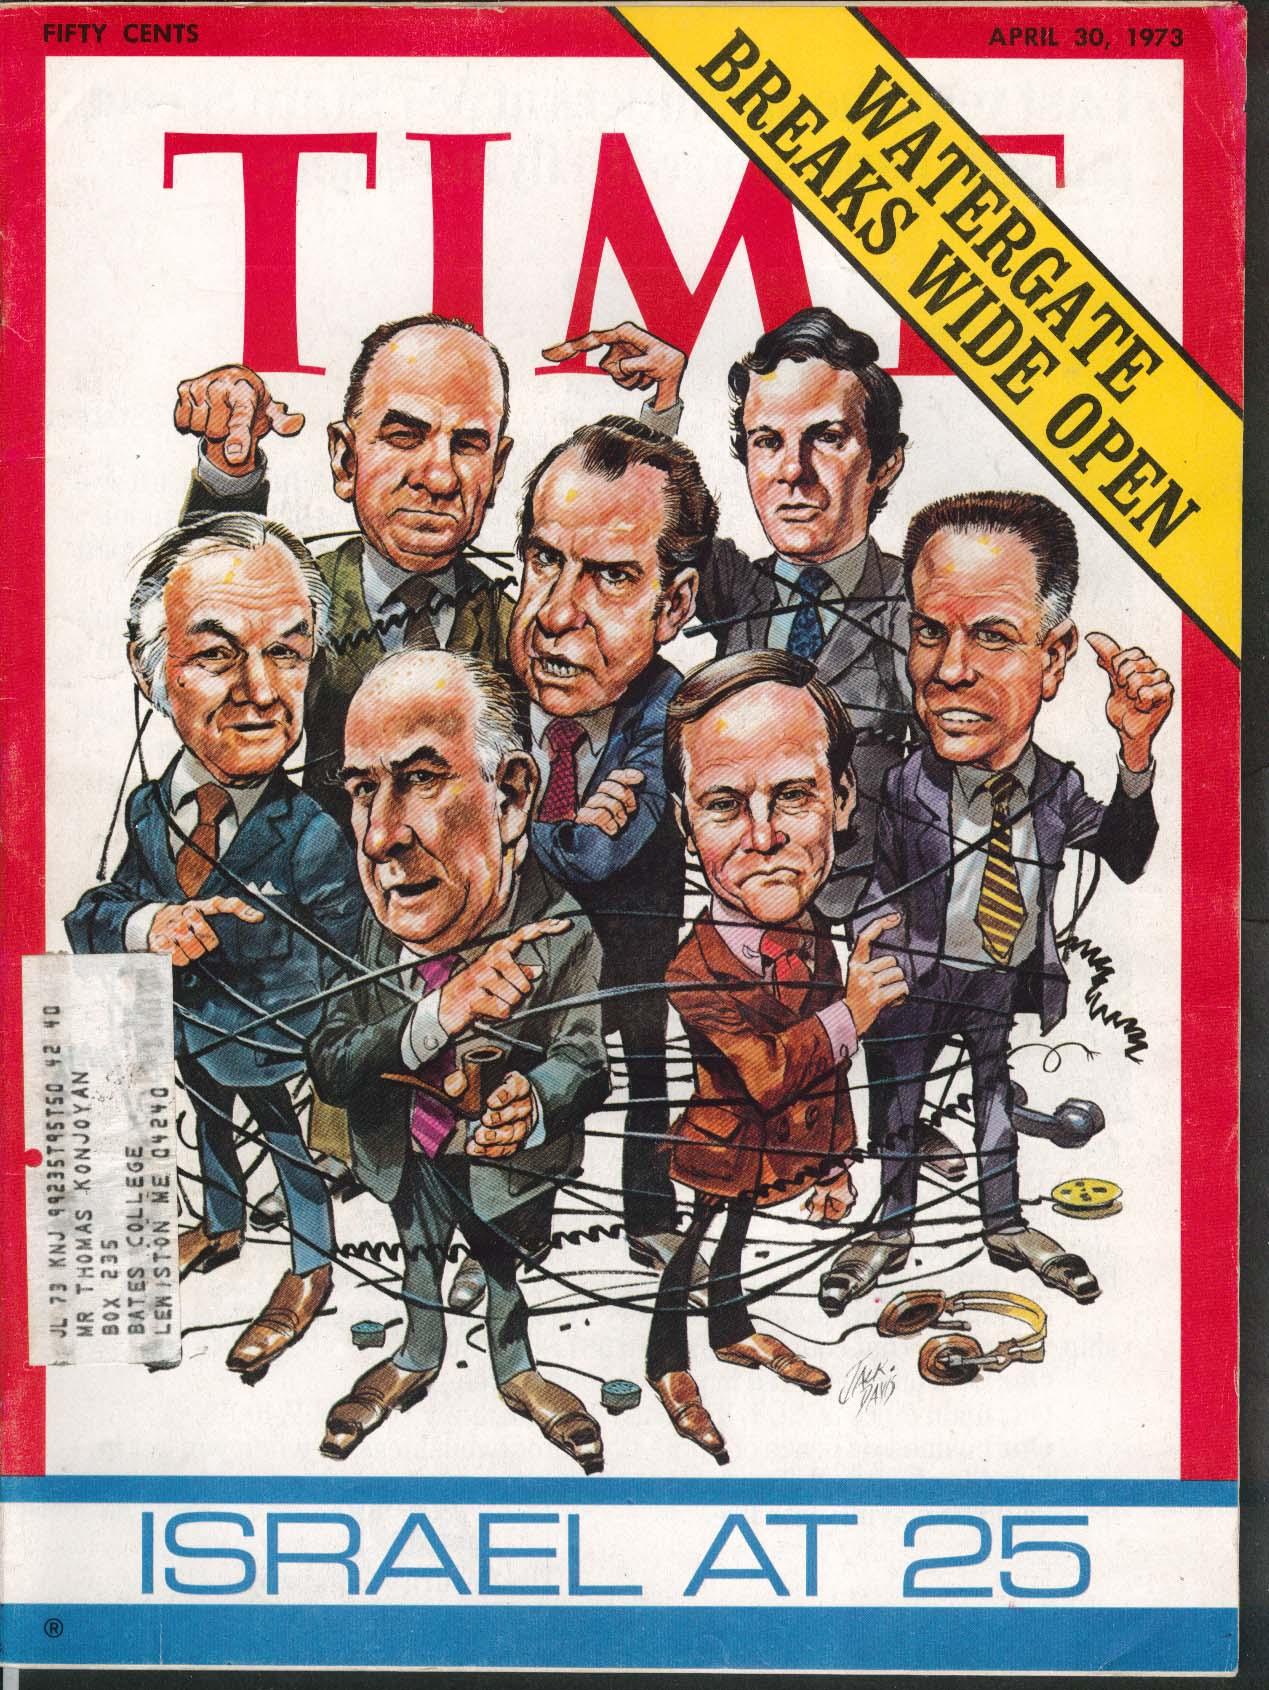 TIME Jack Davis Nixon Haldeman Gordon Liddy Watergate Israel color pix 4/30 1973